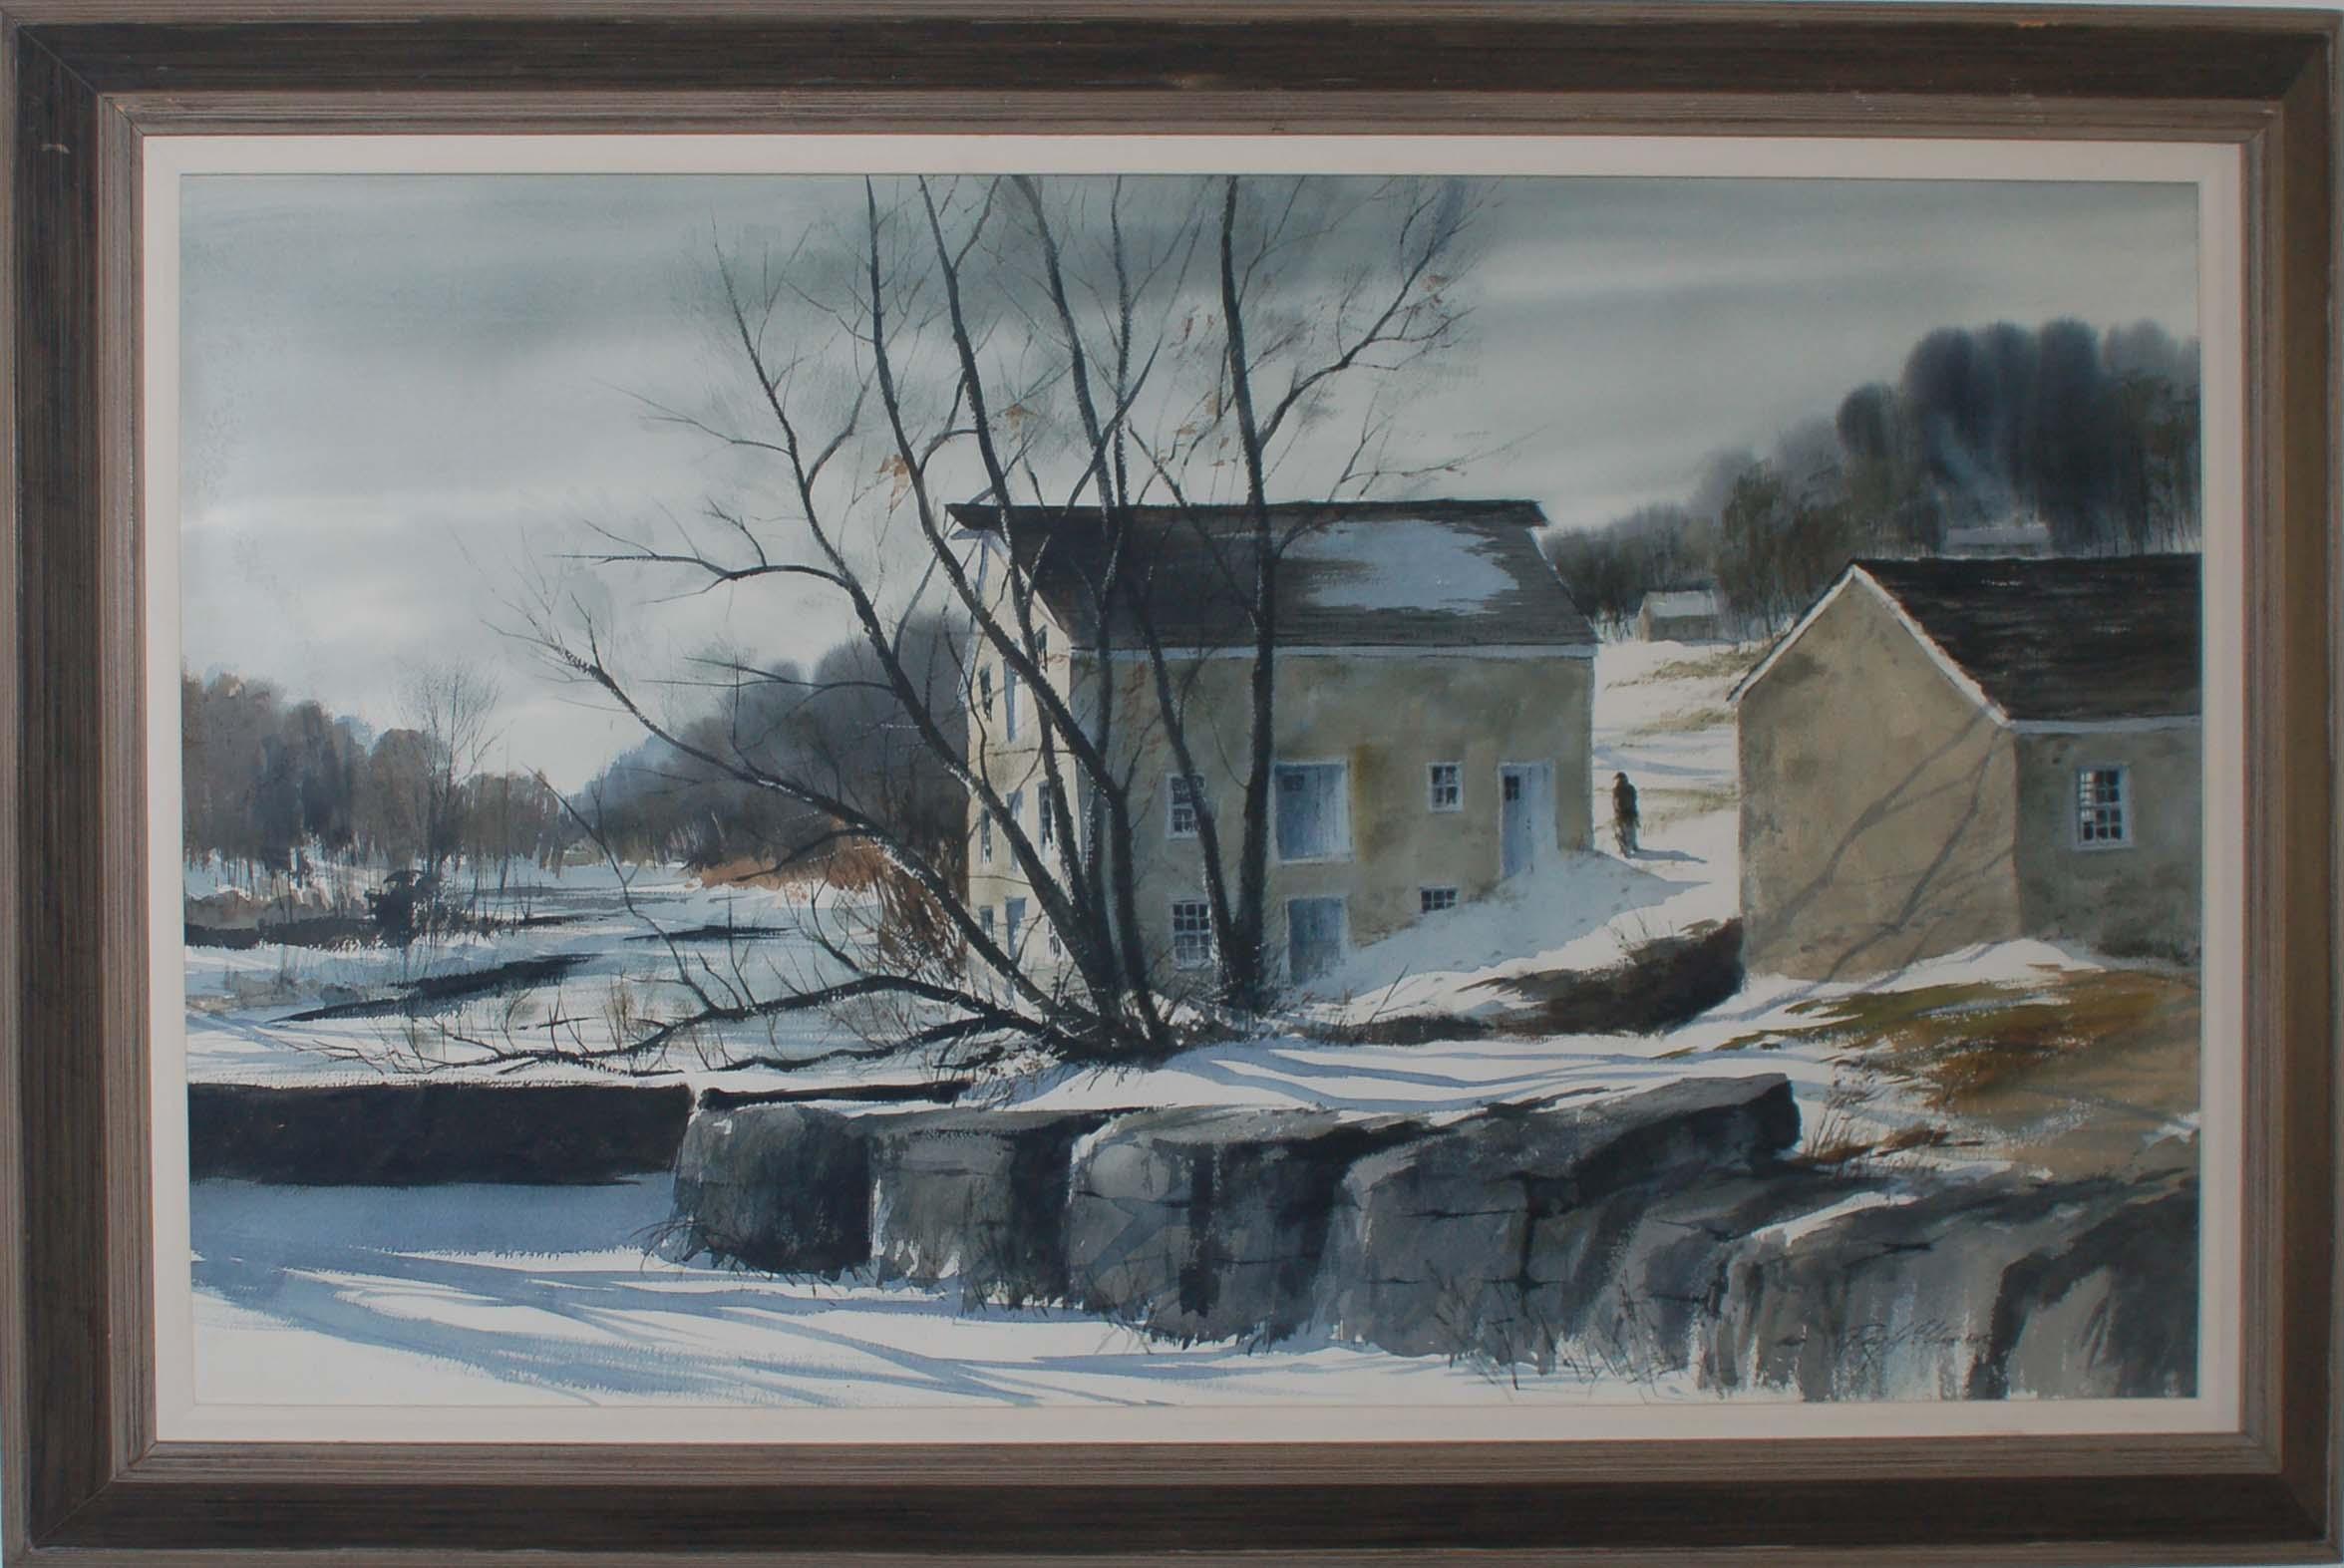 Mill in Winter-framed